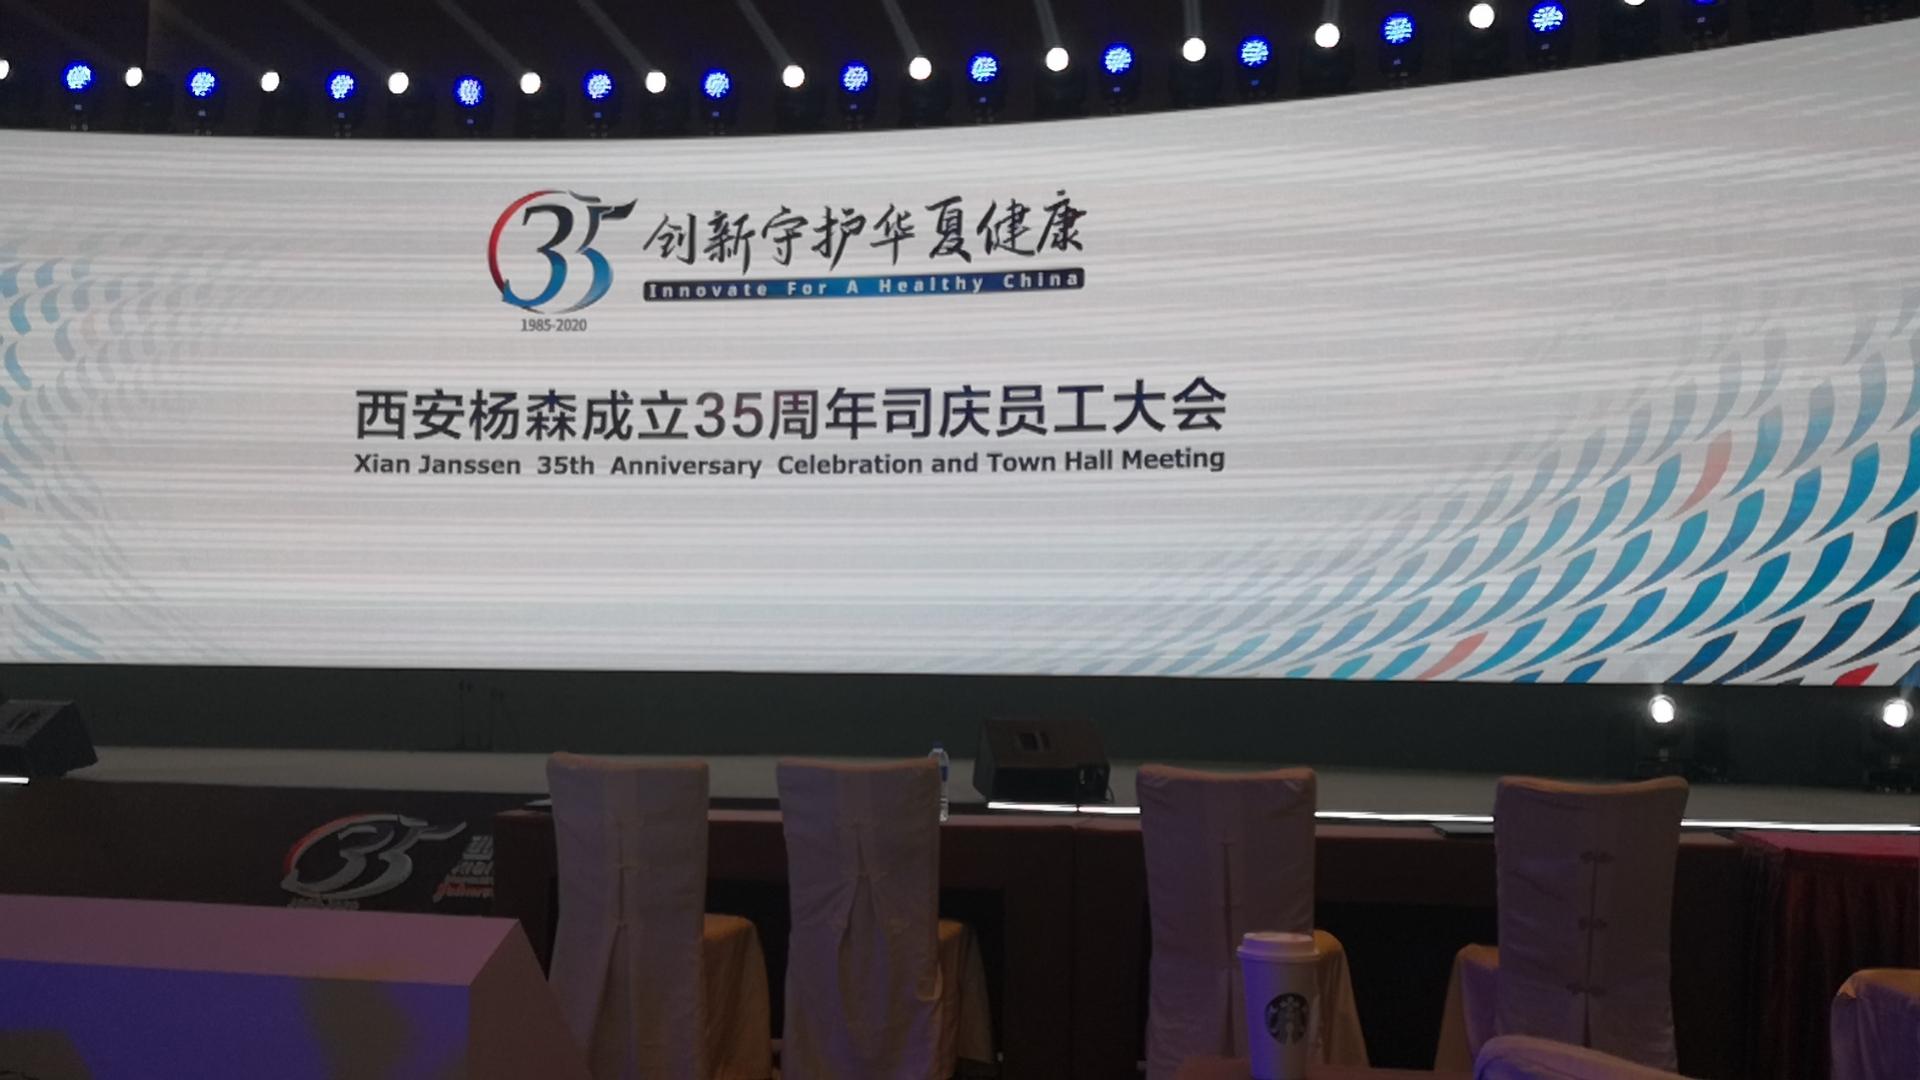 西安杨森成立35周年司庆员工大会